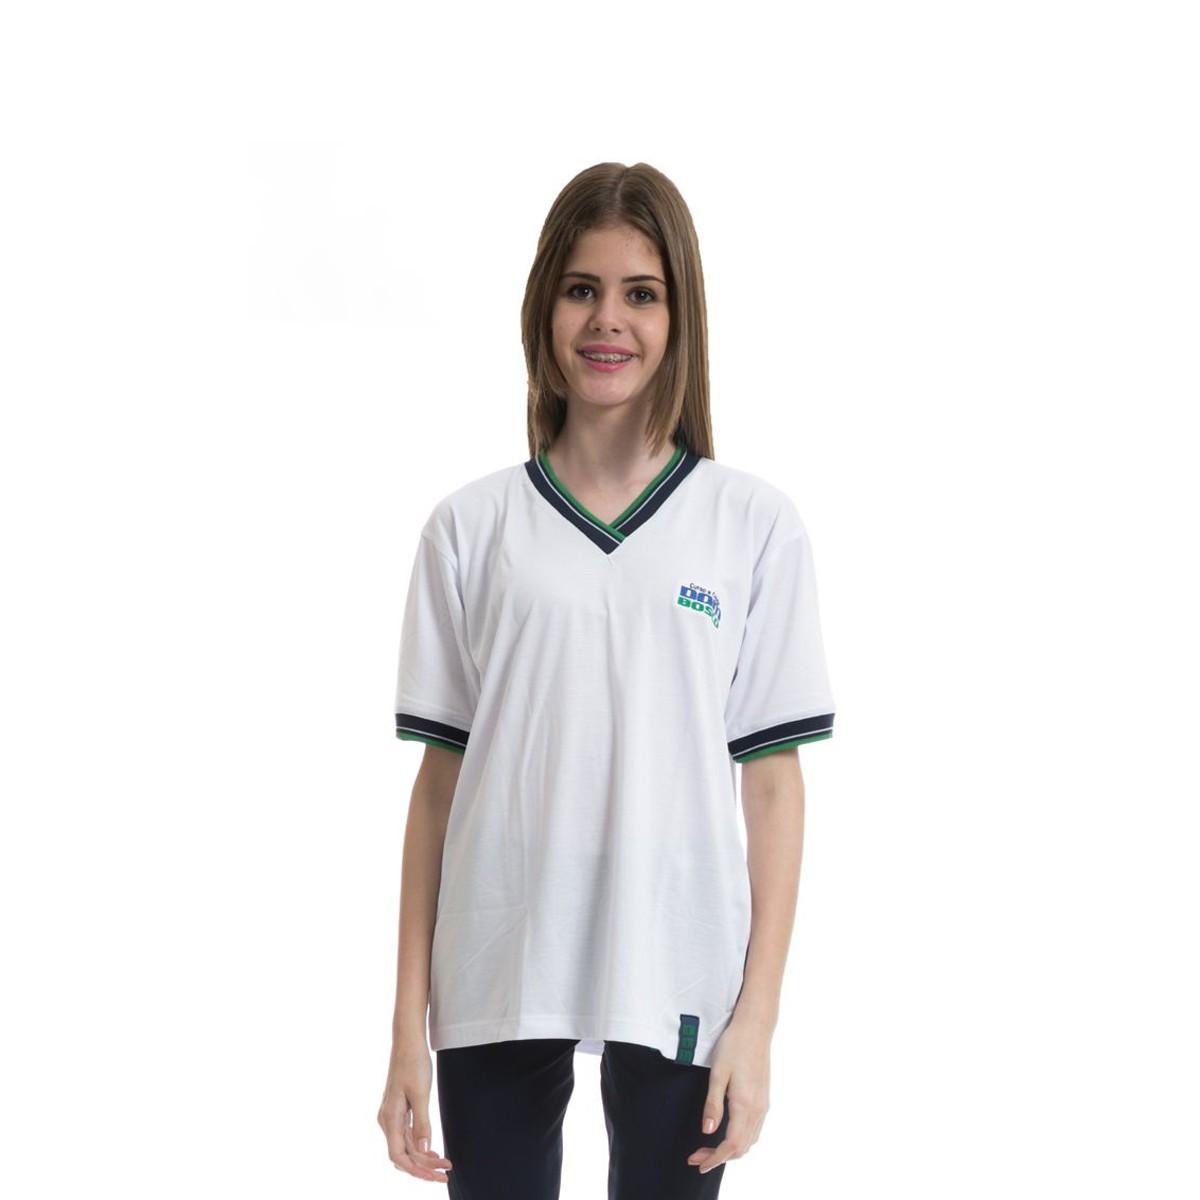 Camiseta manga curta em poliviscose - Colégio Dom Bosco